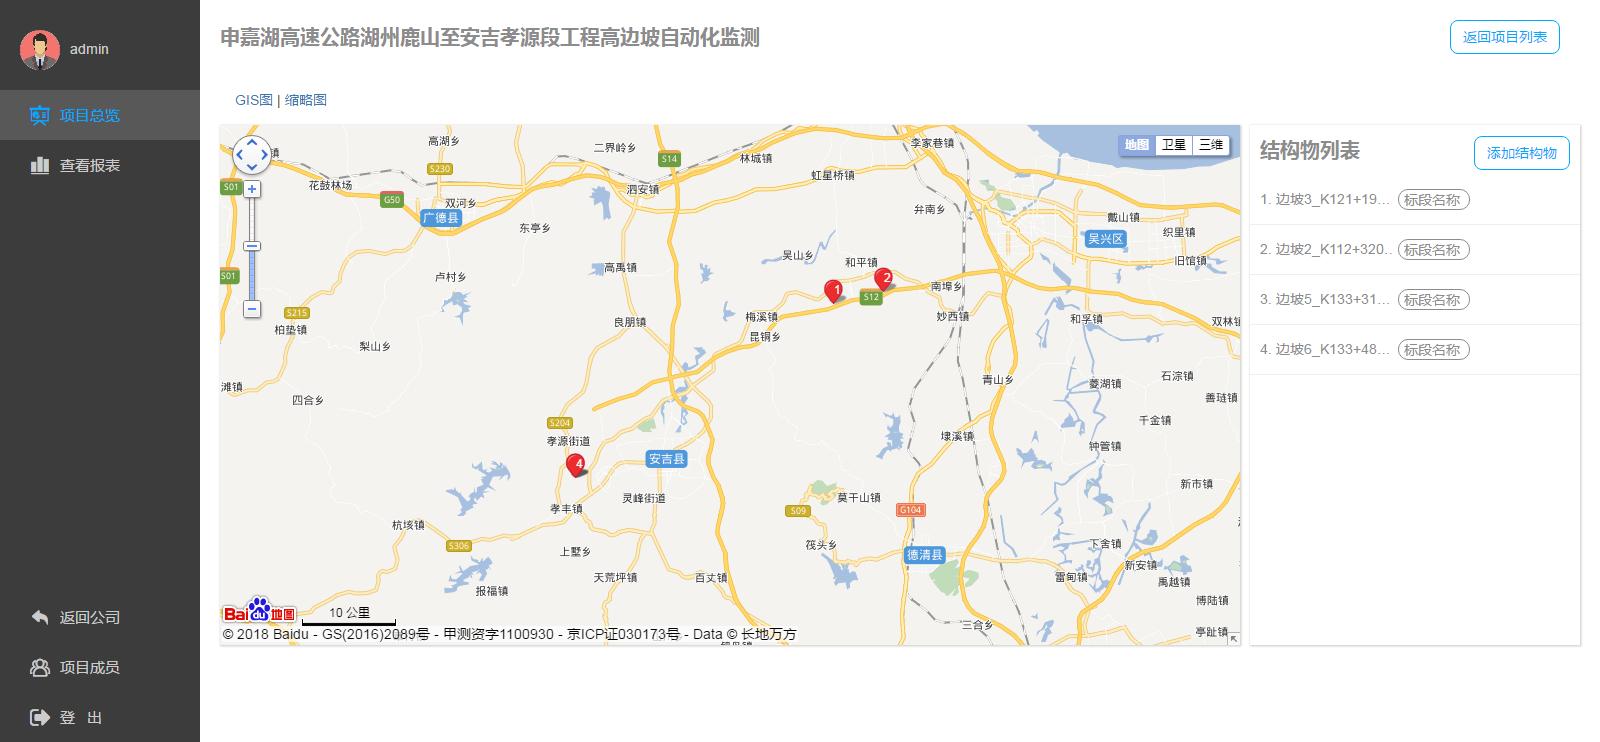 项目界面图